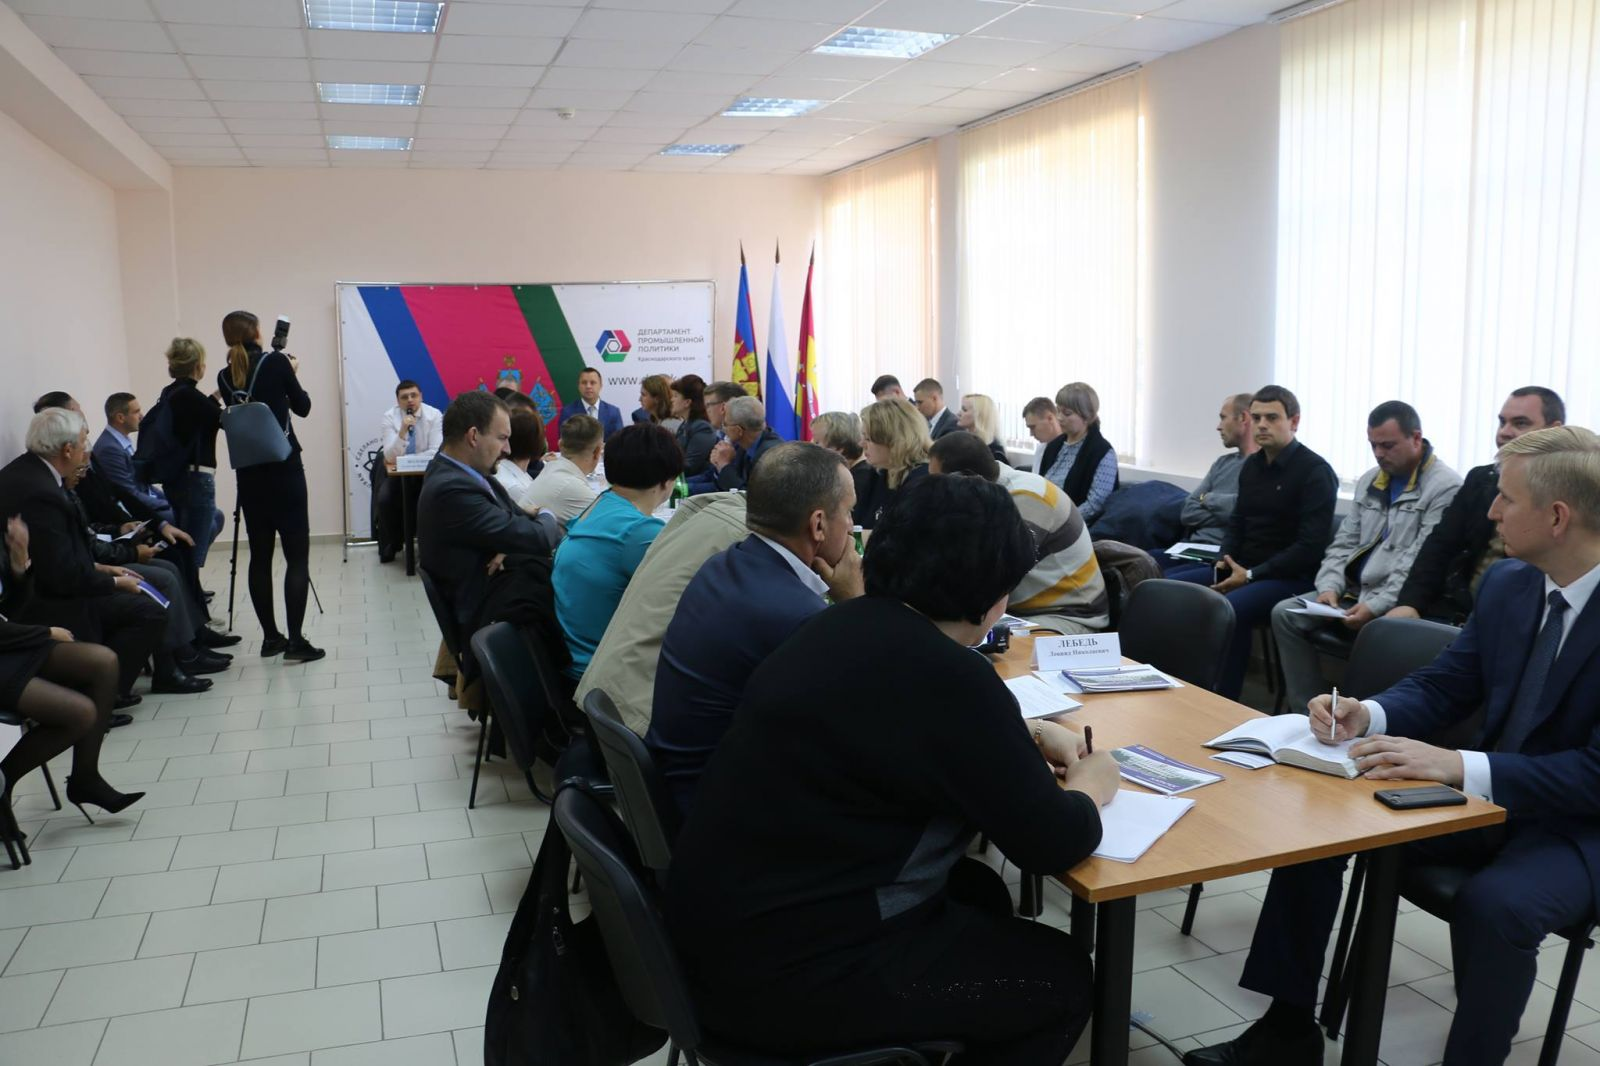 Круглый стол на тему благоустройства и формирования комфортной городской среды в Краснодарском крае